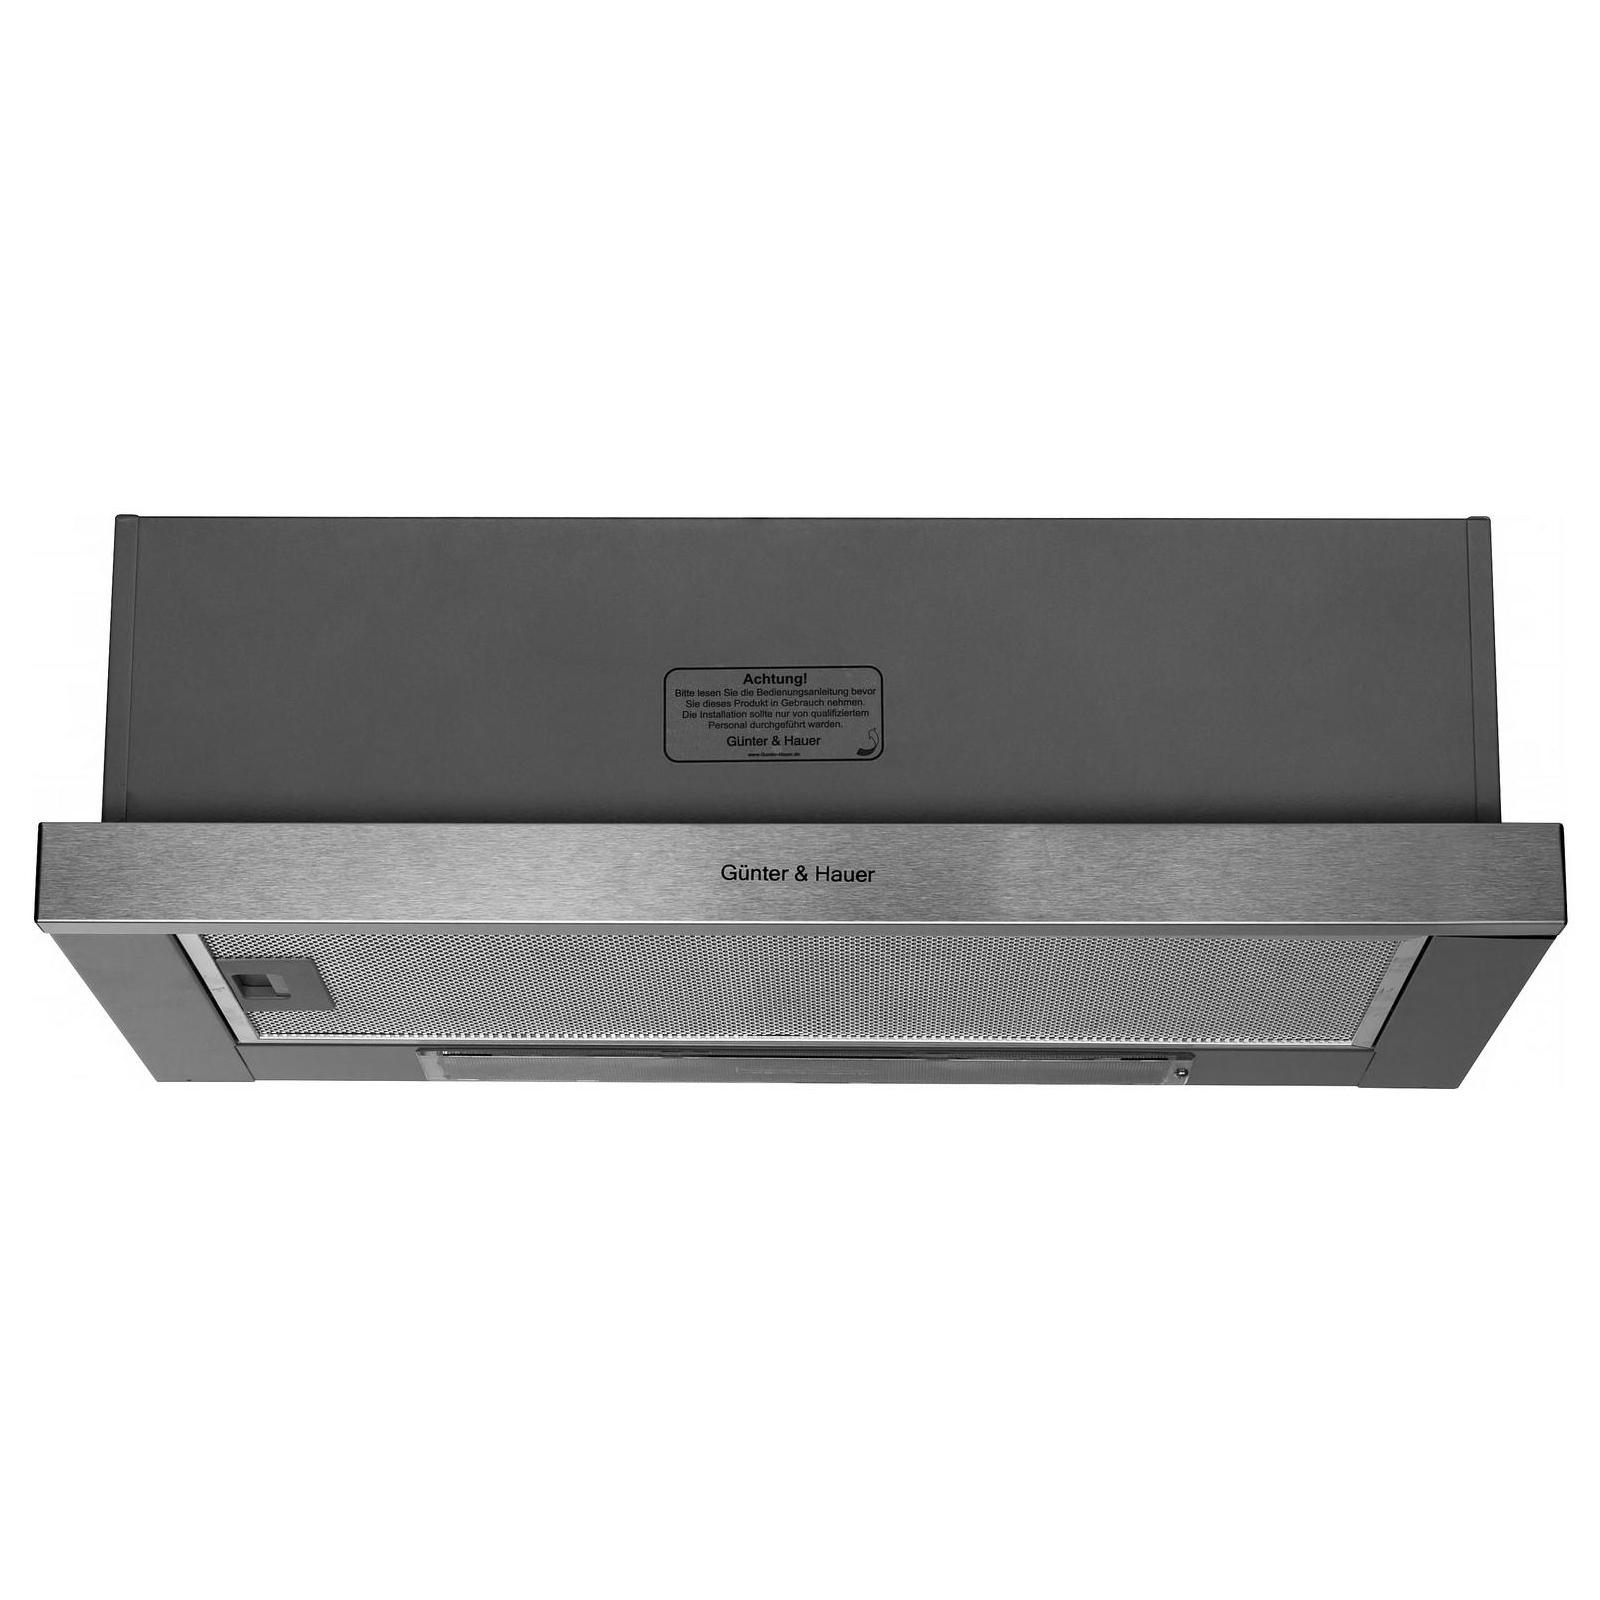 Вытяжка кухонная GUNTER&HAUER AGNA 560 IX изображение 2